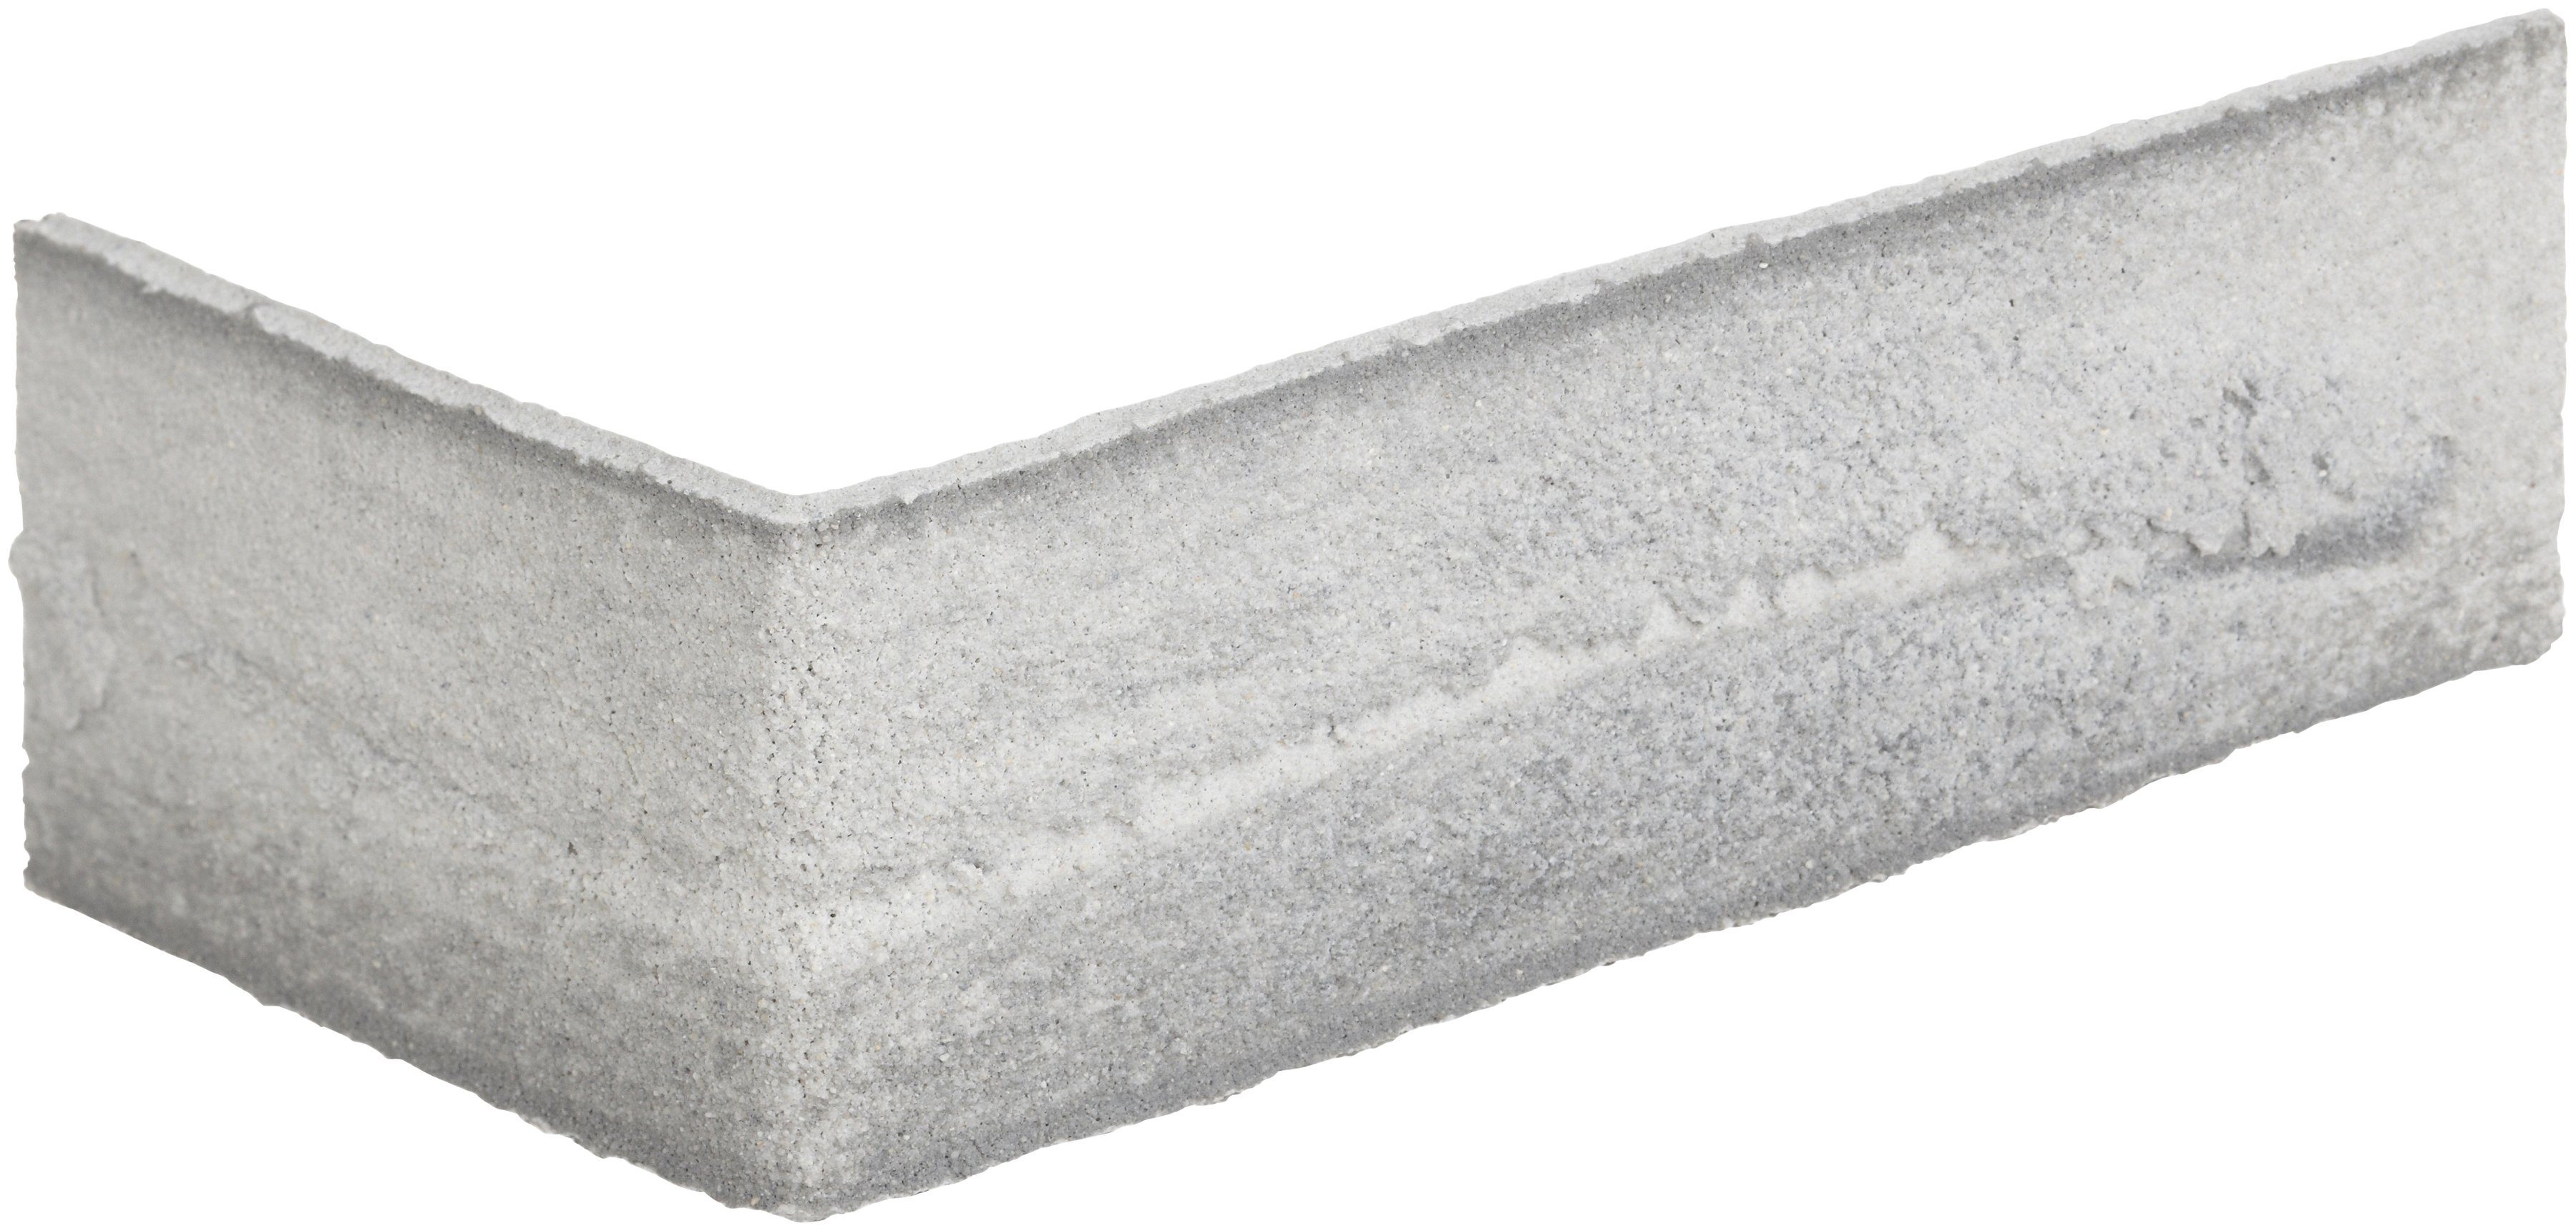 ELASTOLITH Verblender »Nebraska «, Eckverblender grau, für Innen- und Aussenbereich, 2 Lfm